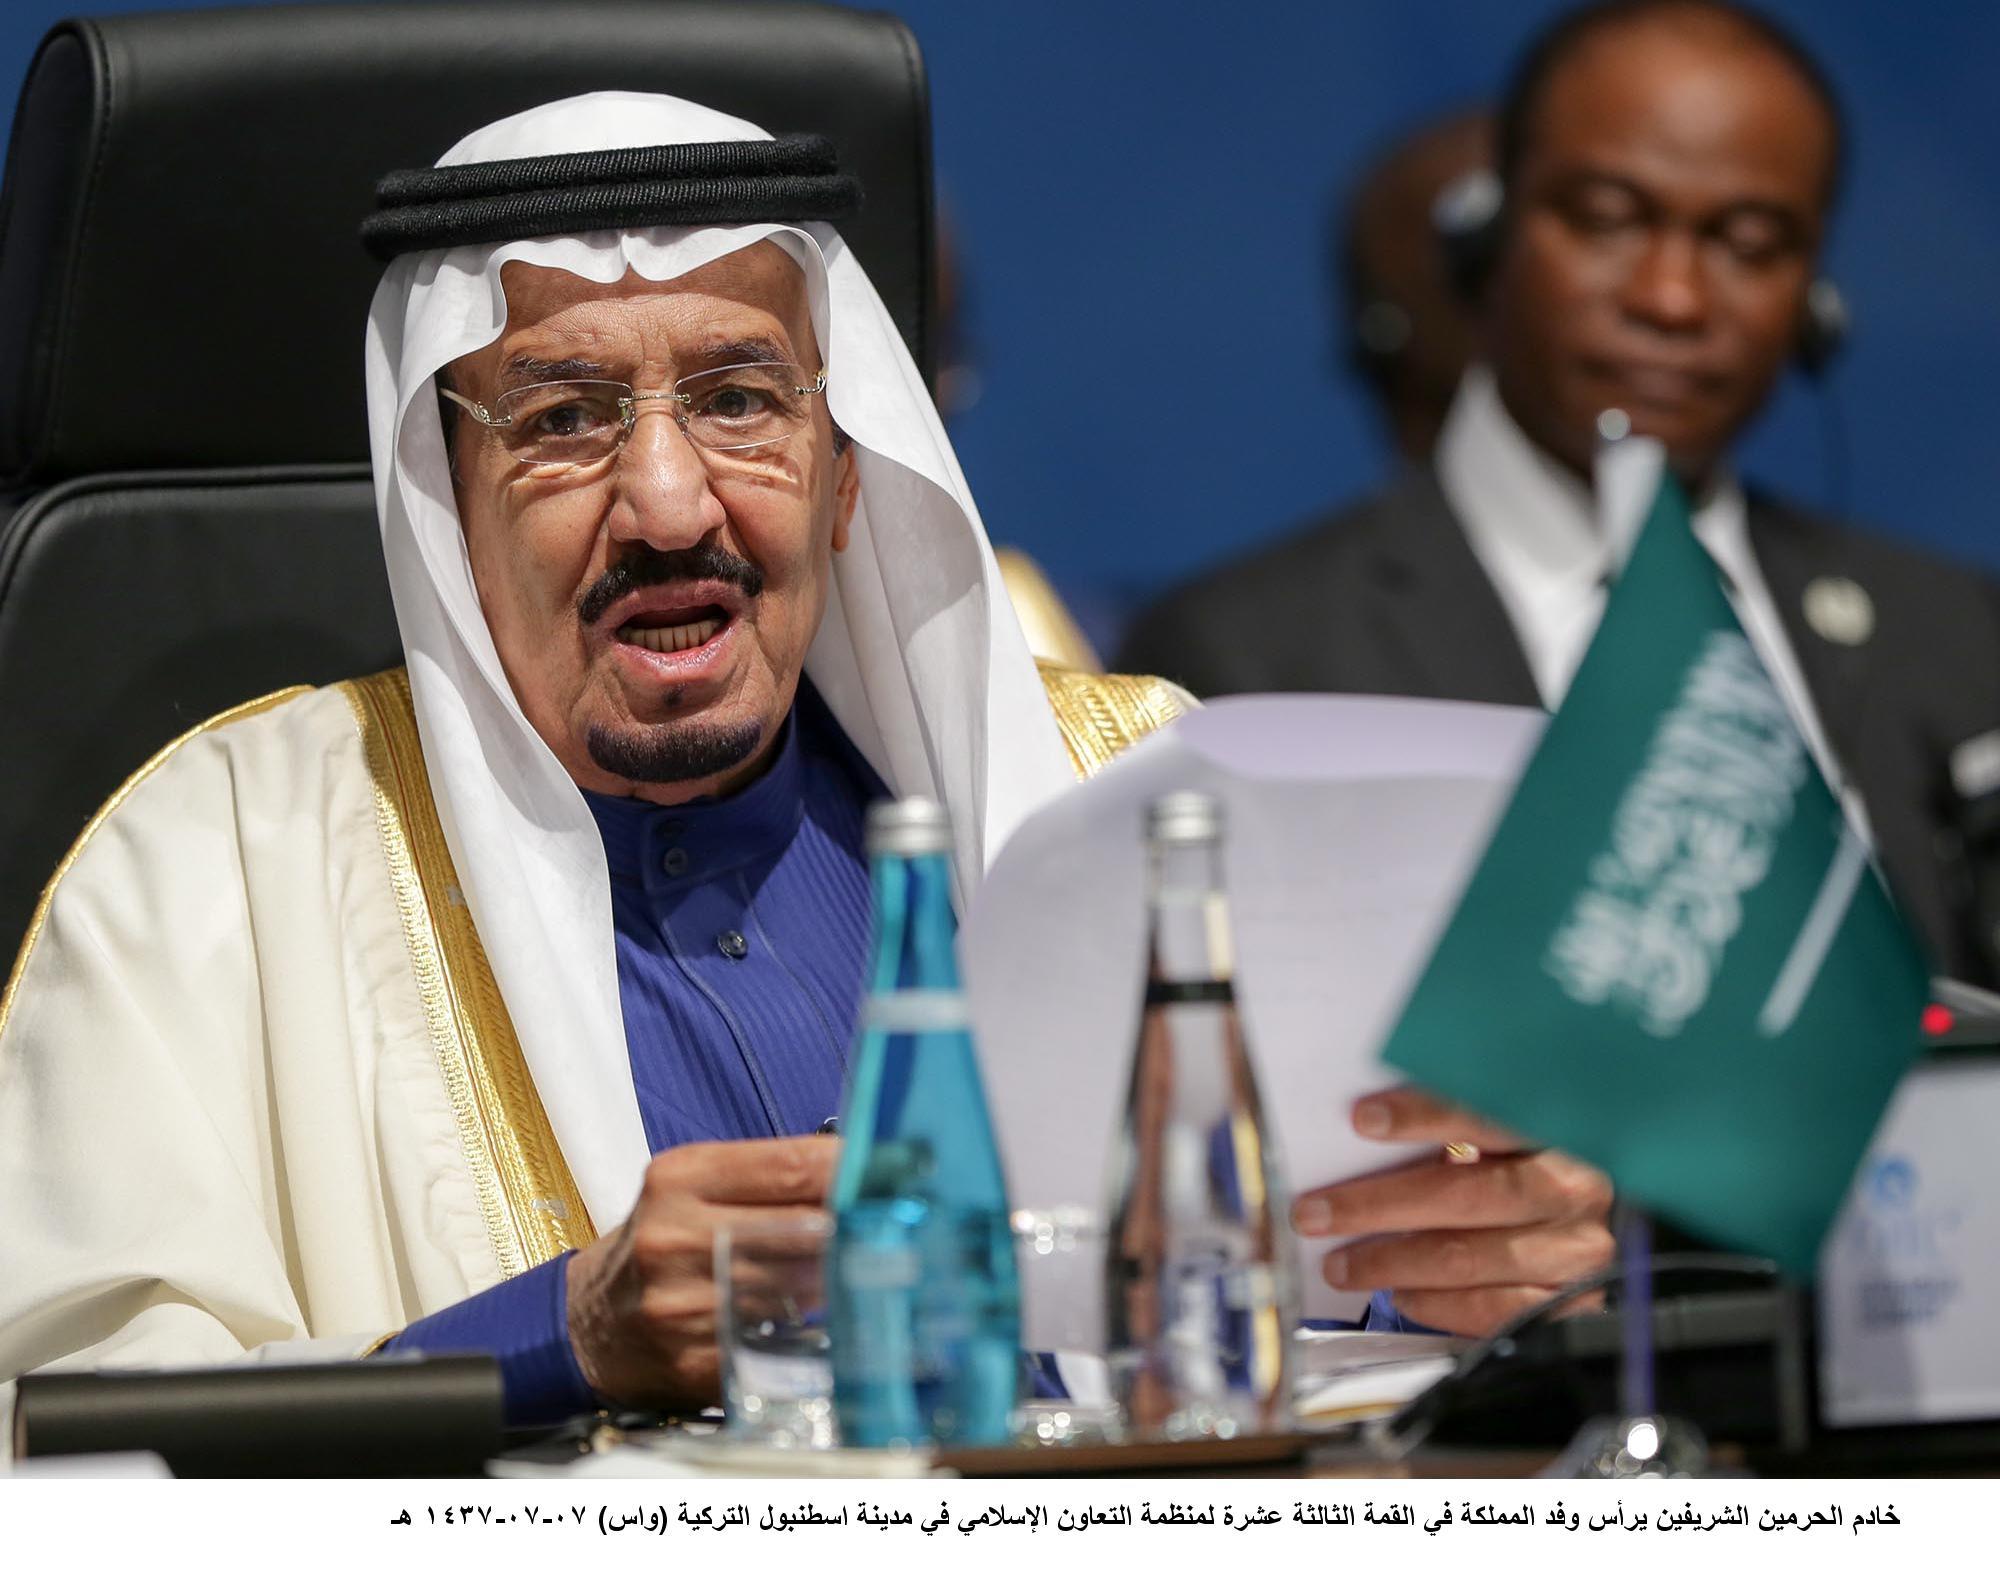 Raja Salman Serukan Persatuan Lawan Terorisme